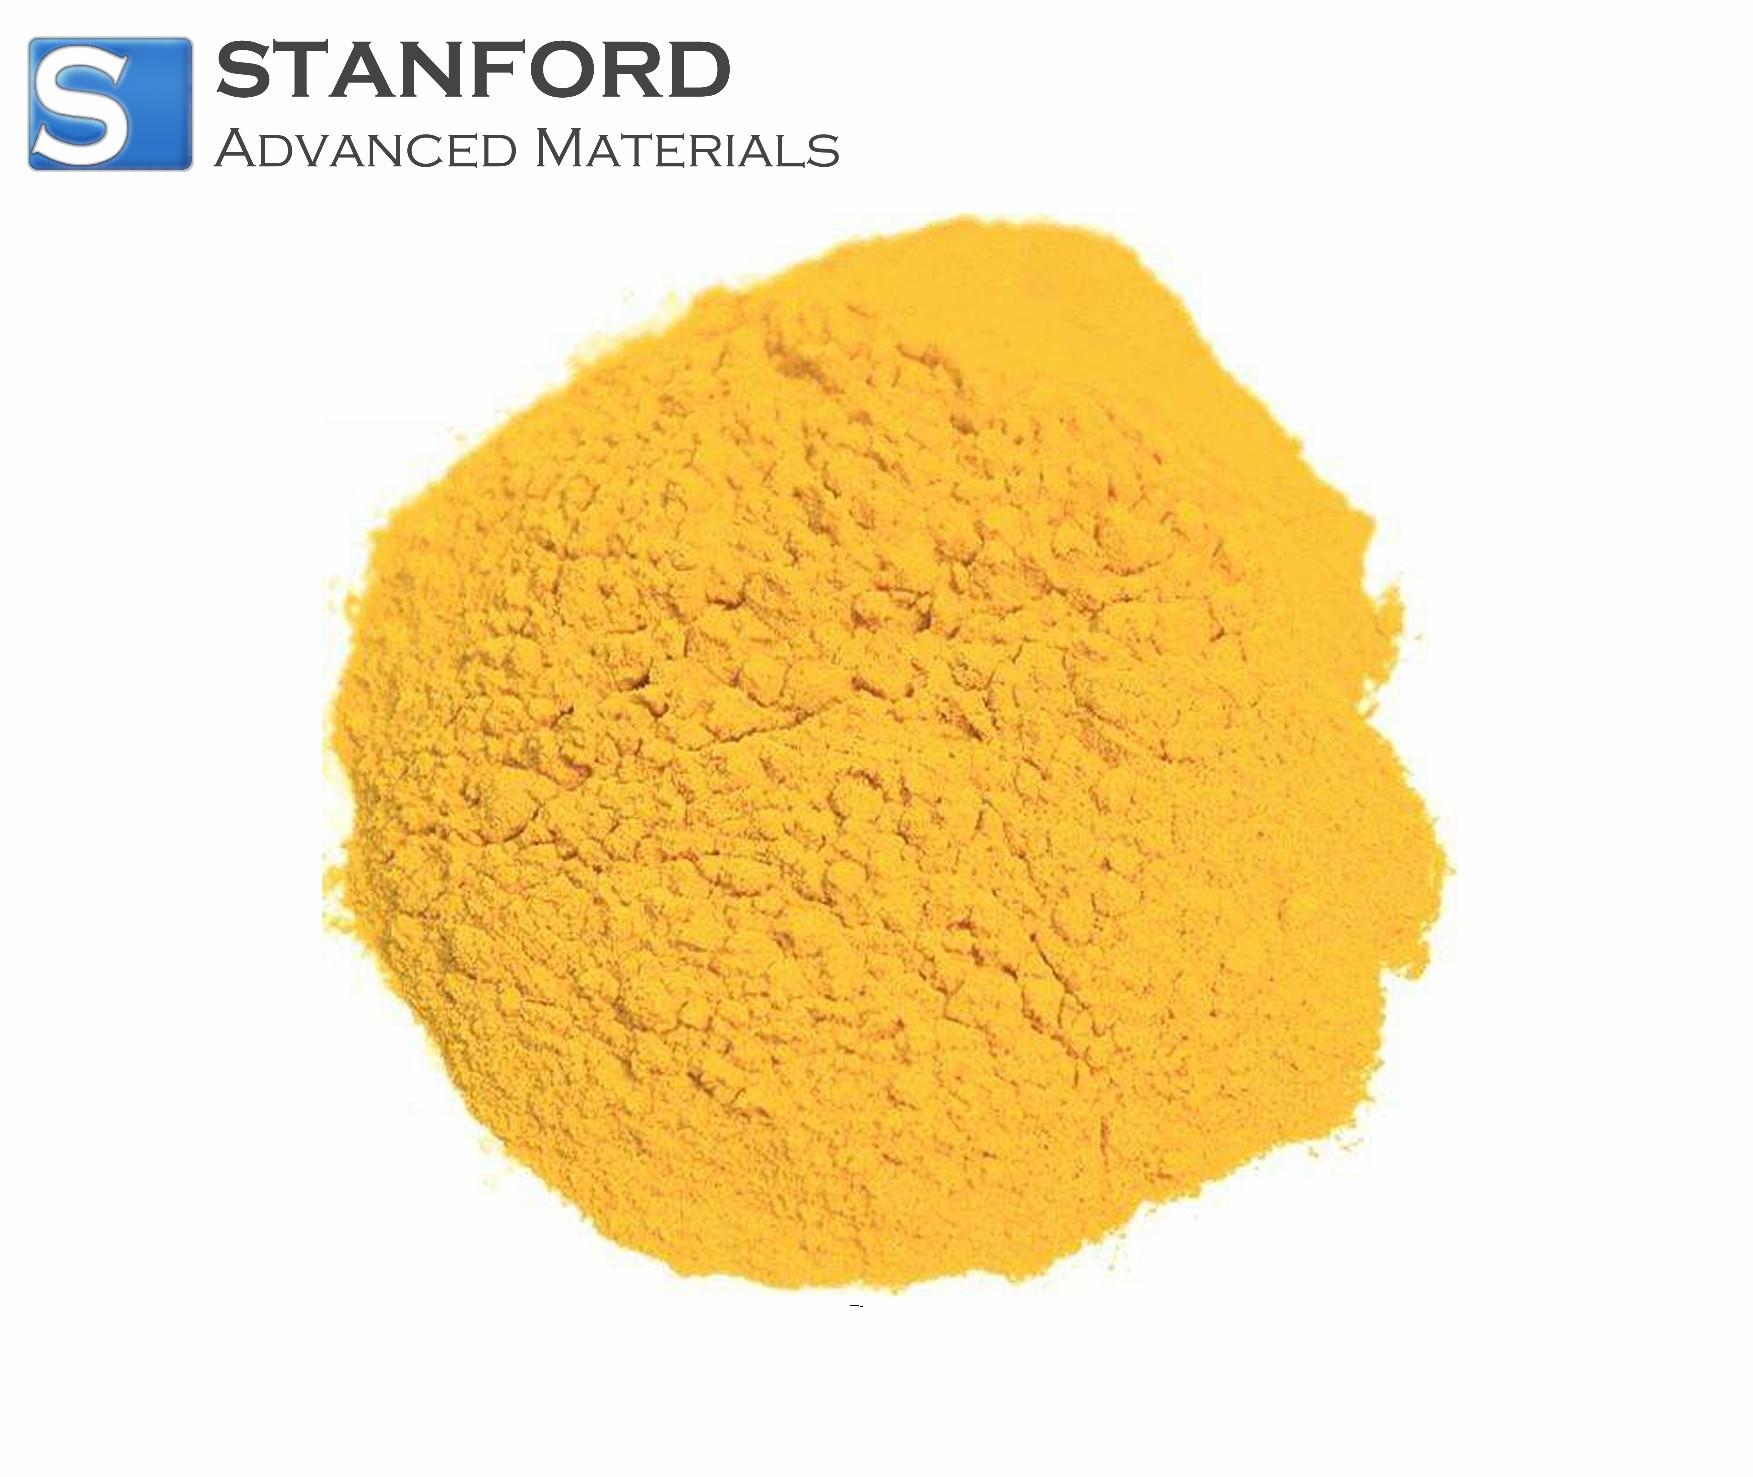 OM2221 Ir(ppy)2(acac) Powder